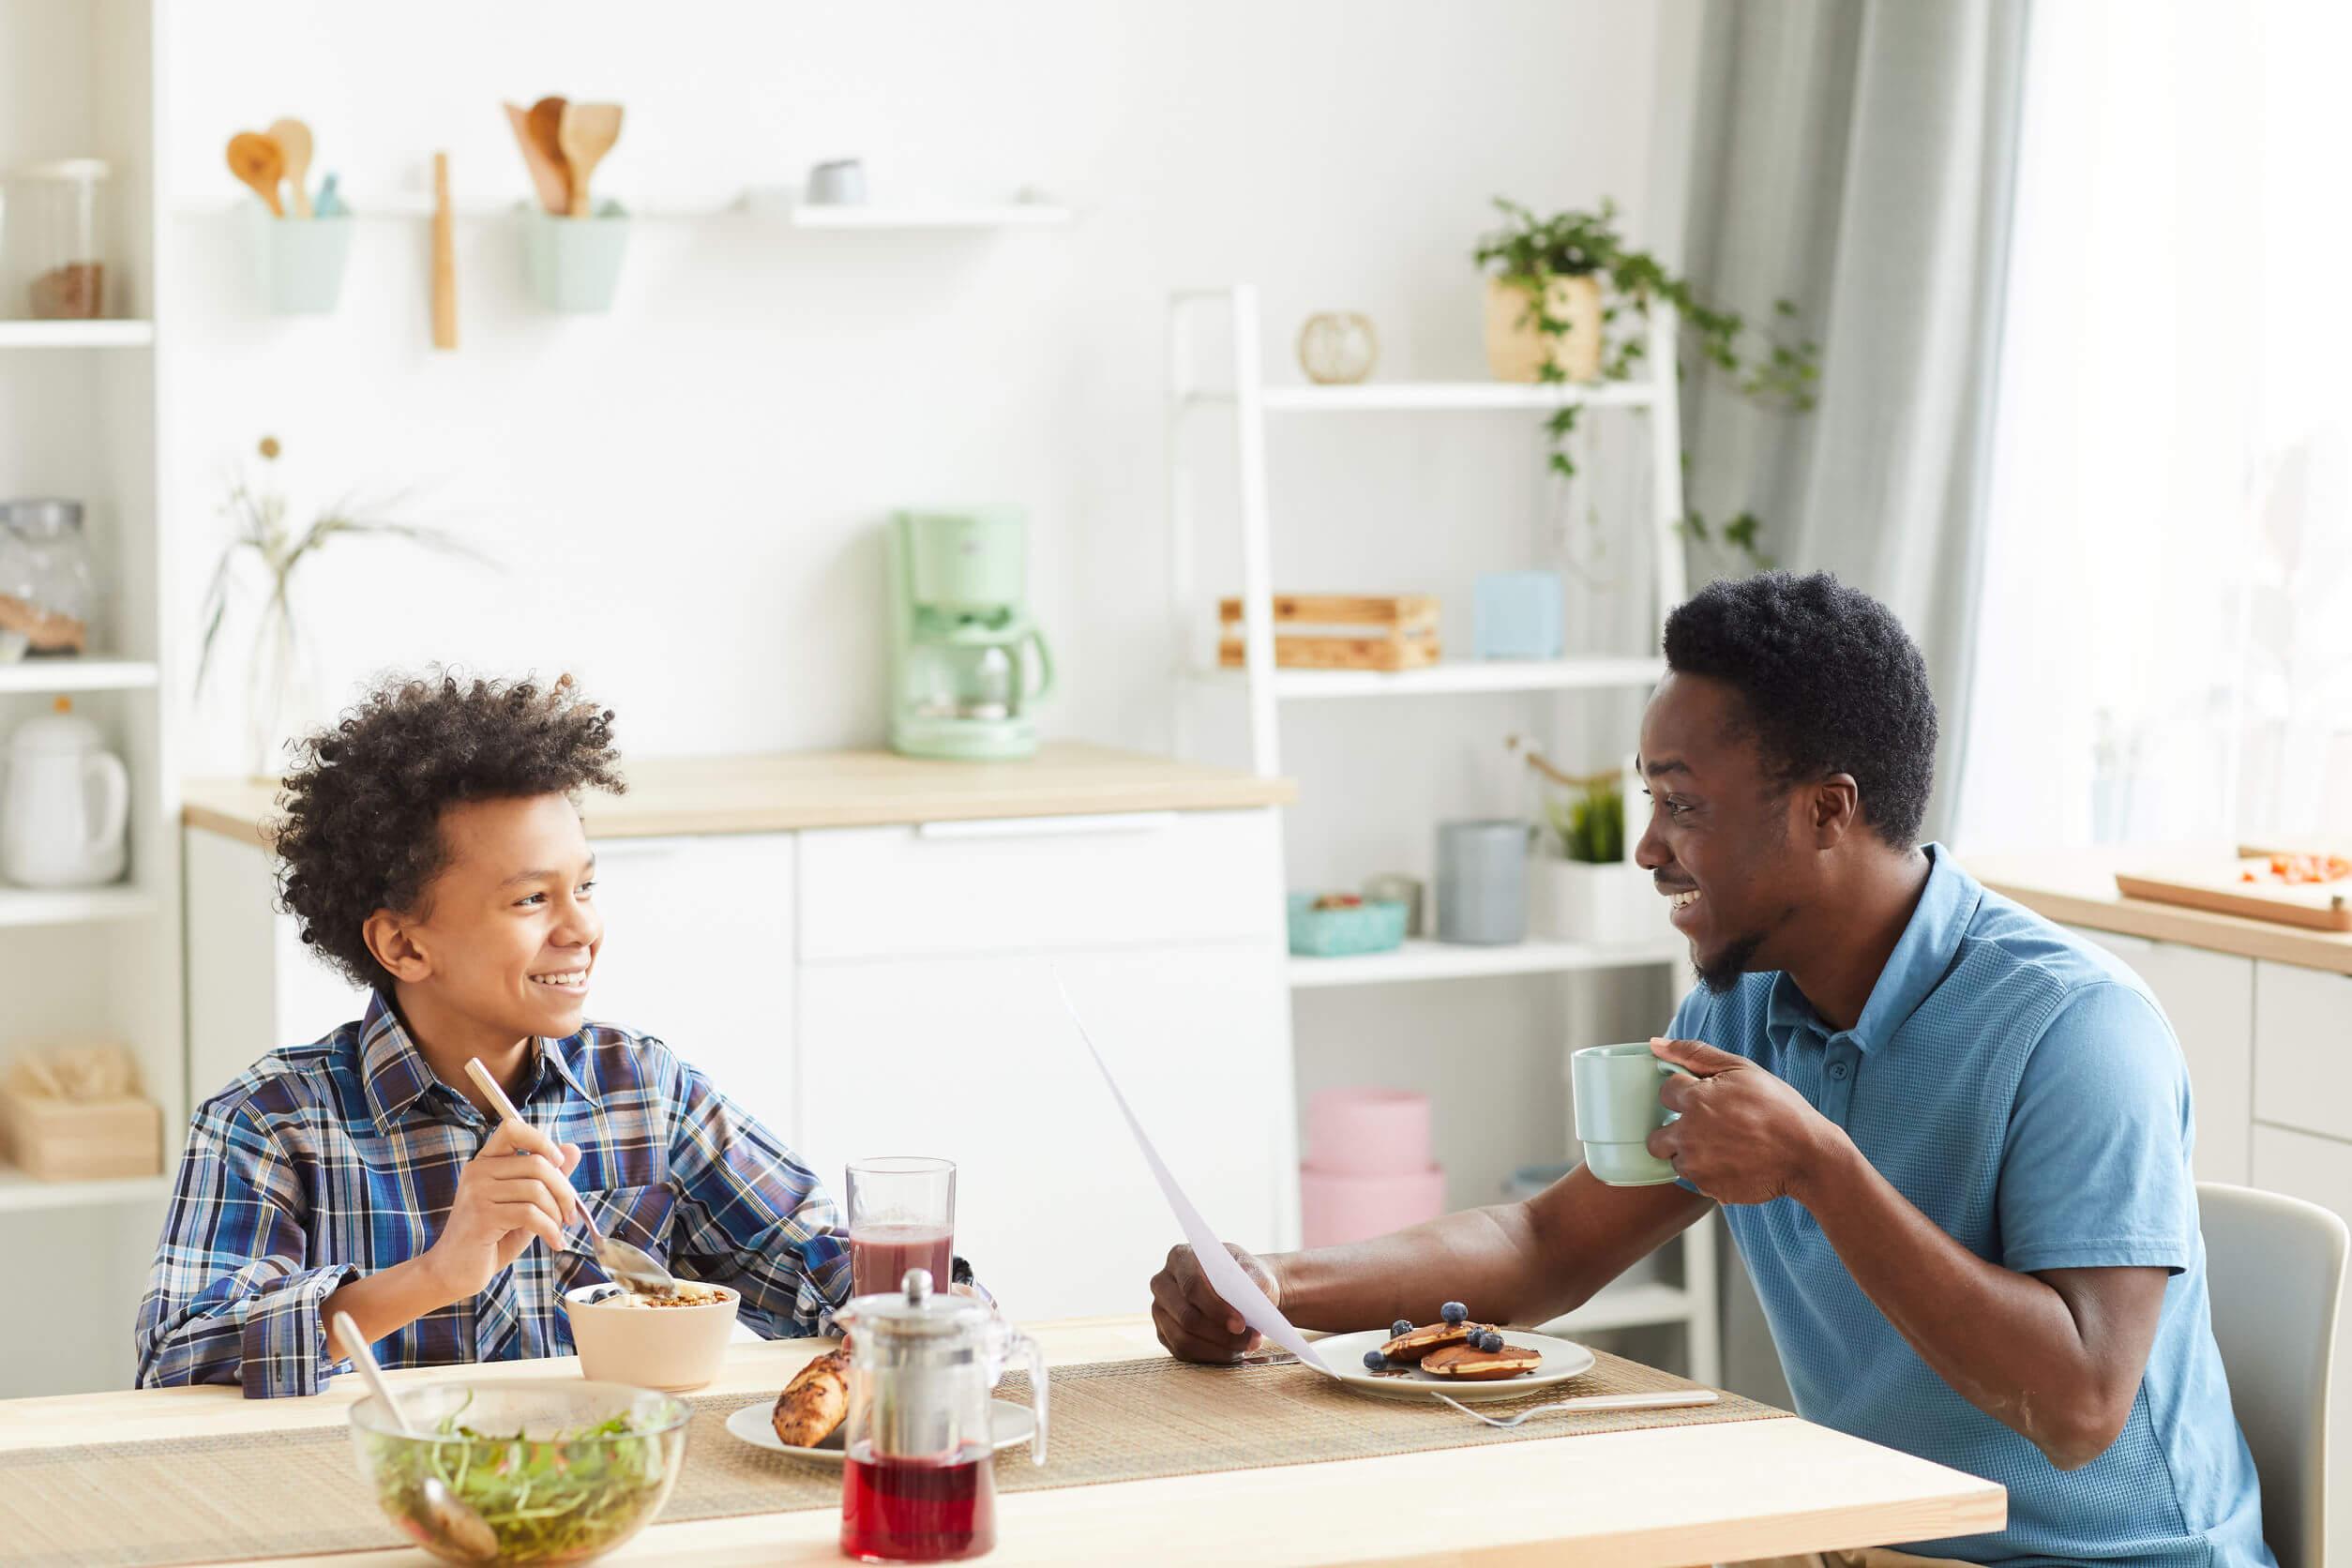 Padre hablando con su hijo mientras comen para mejorar la confianza de los jóvenes.